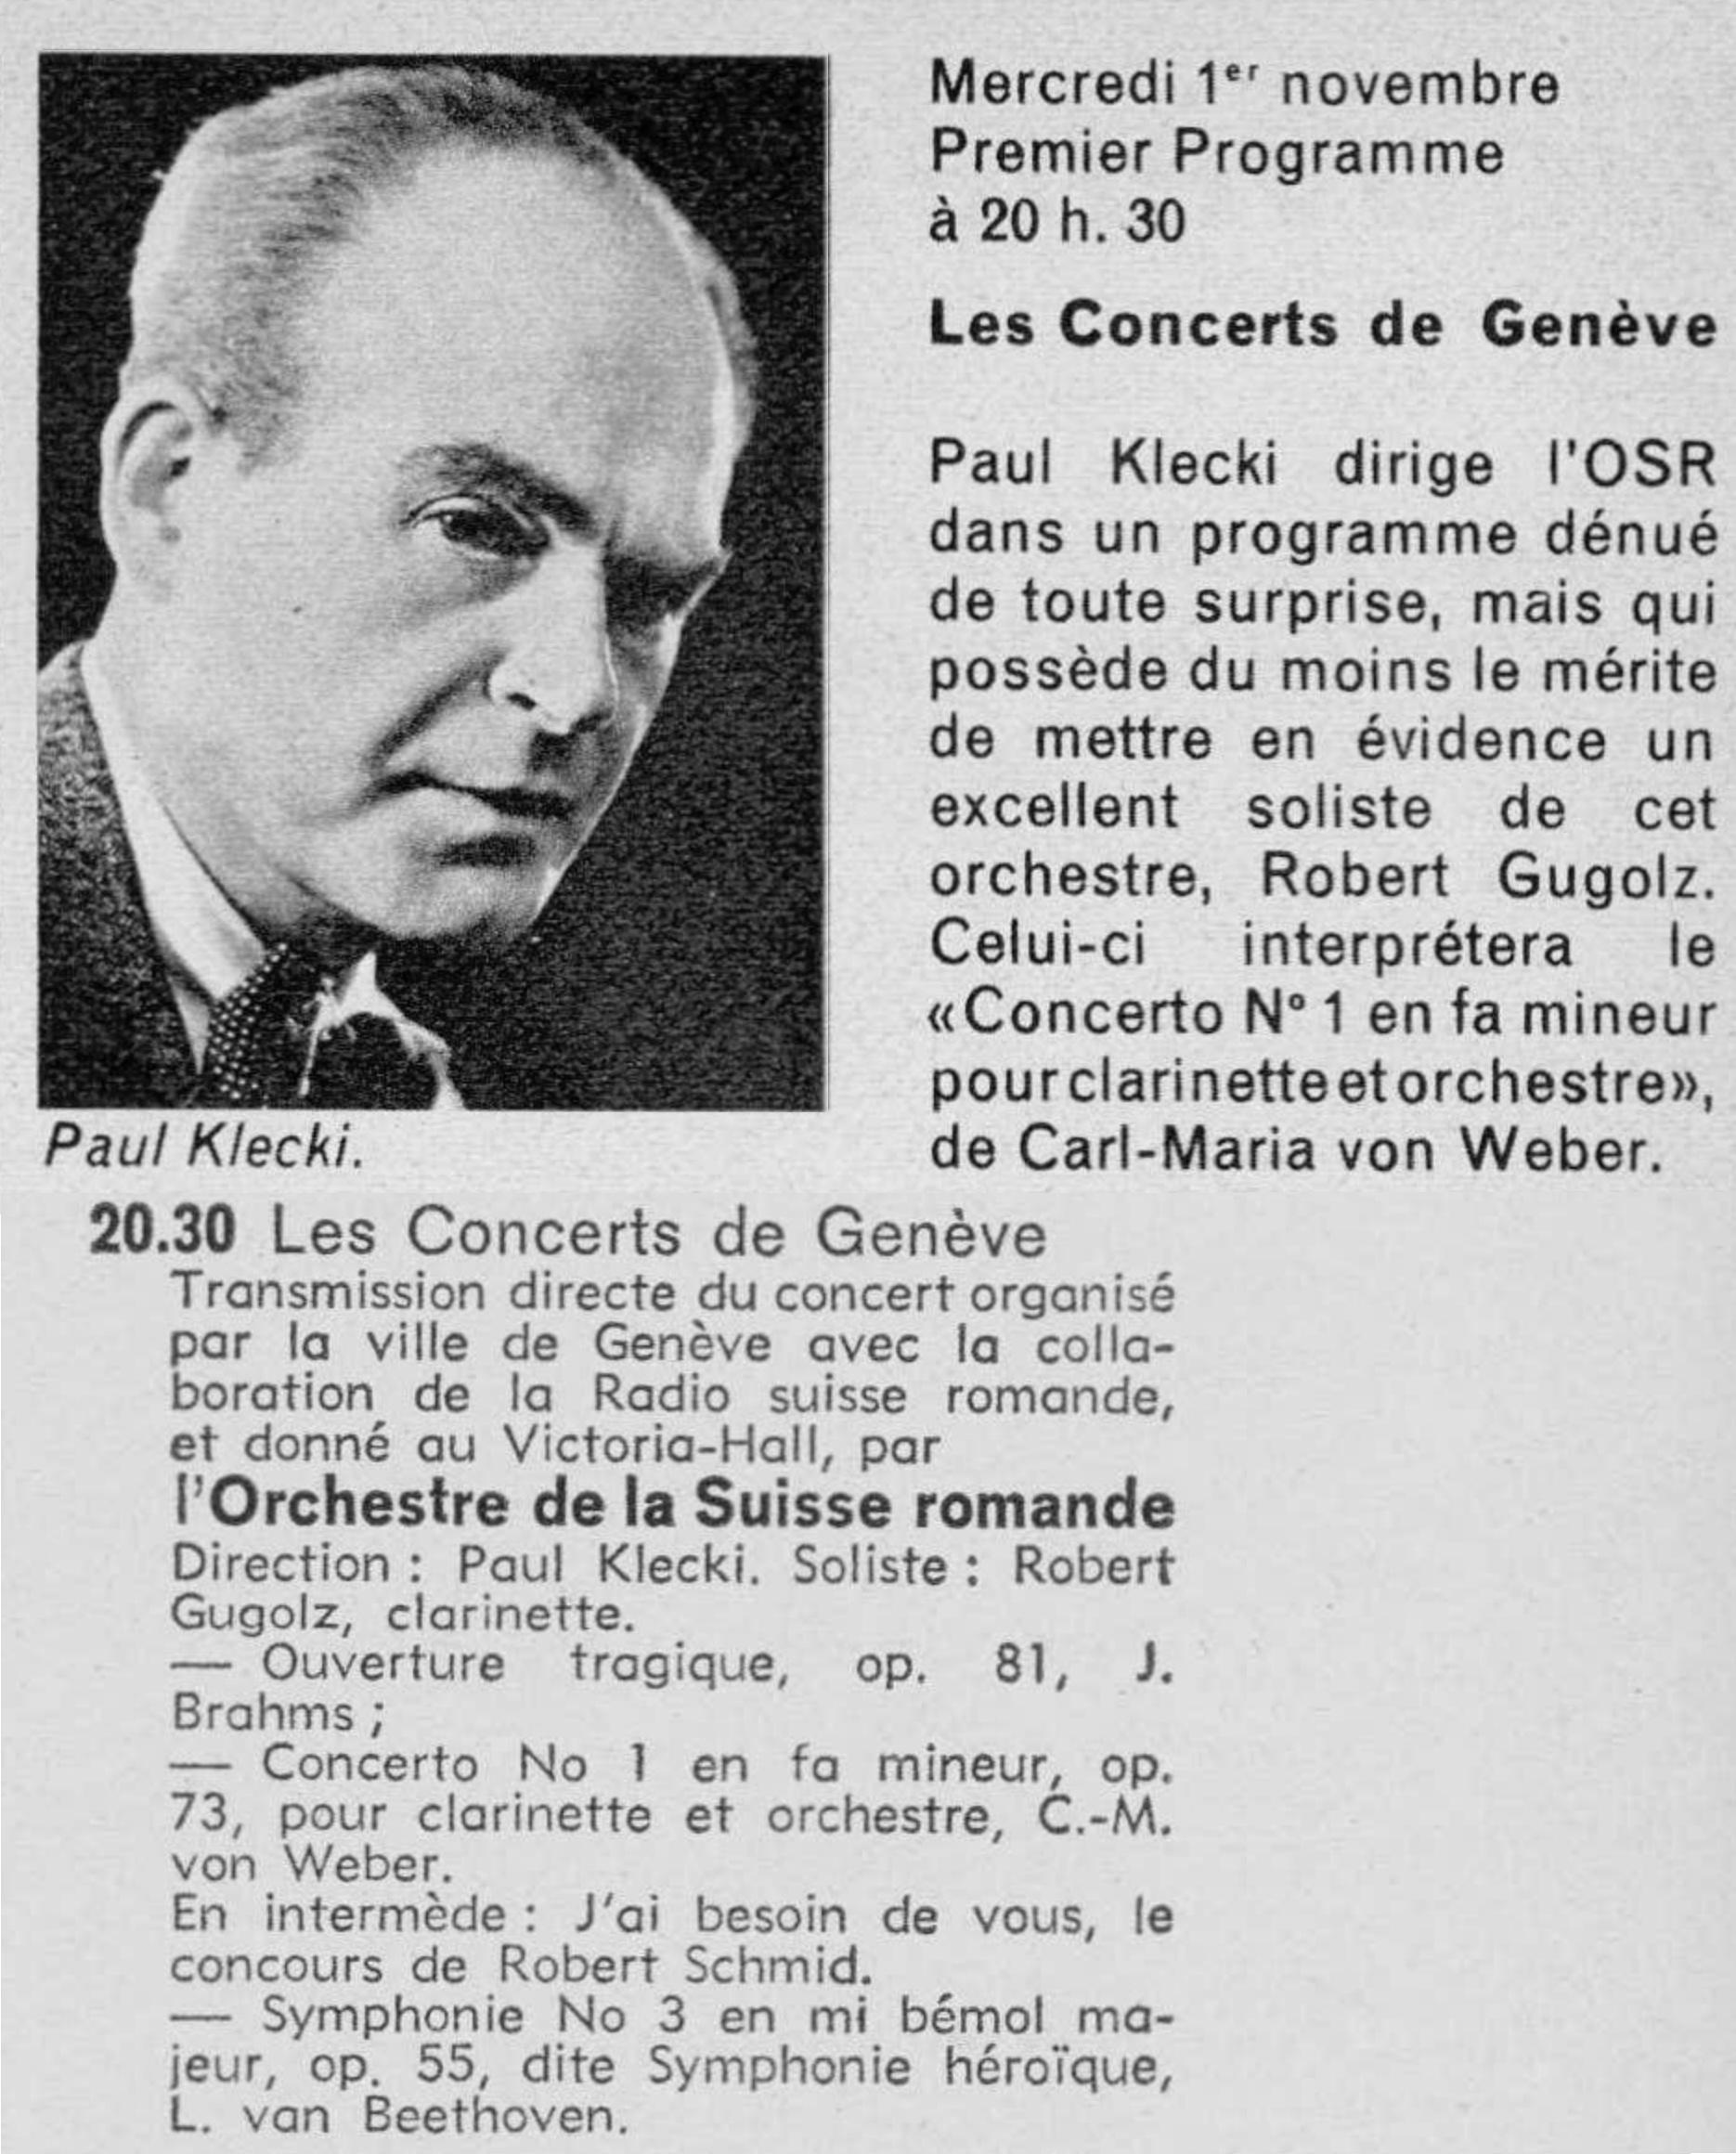 Concert du 1er novembre 1967, annonces dans la revue Radio TV - Je vois tout du 26 octobre 1967, pages 51 et VII, cliquer pour plus d'infos